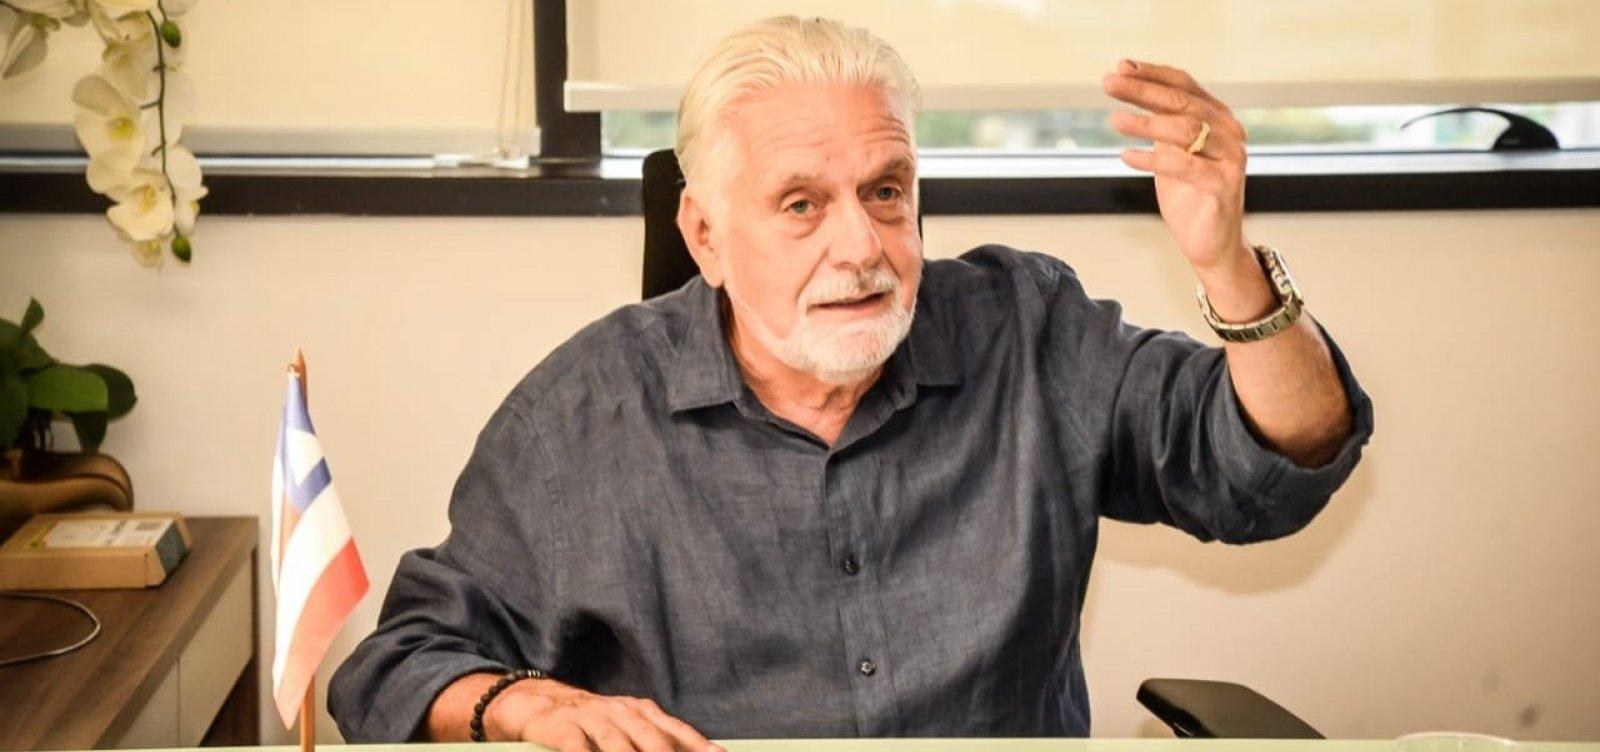 ACM Neto apoia Bolsonaro para tentar 'salvação', critica Wagner